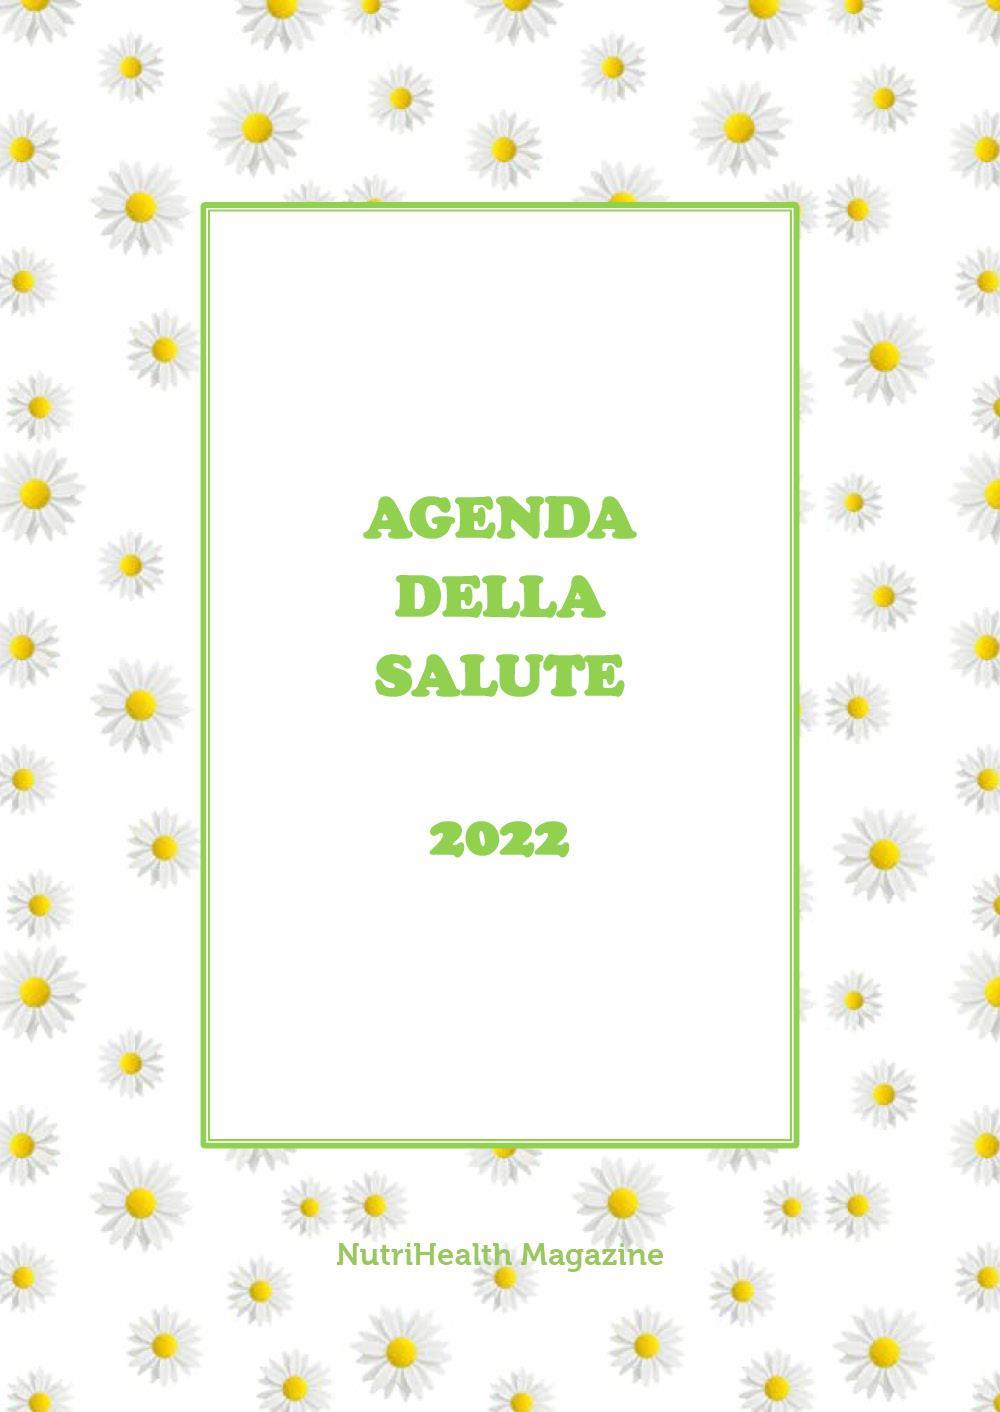 Agenda della Salute 2022